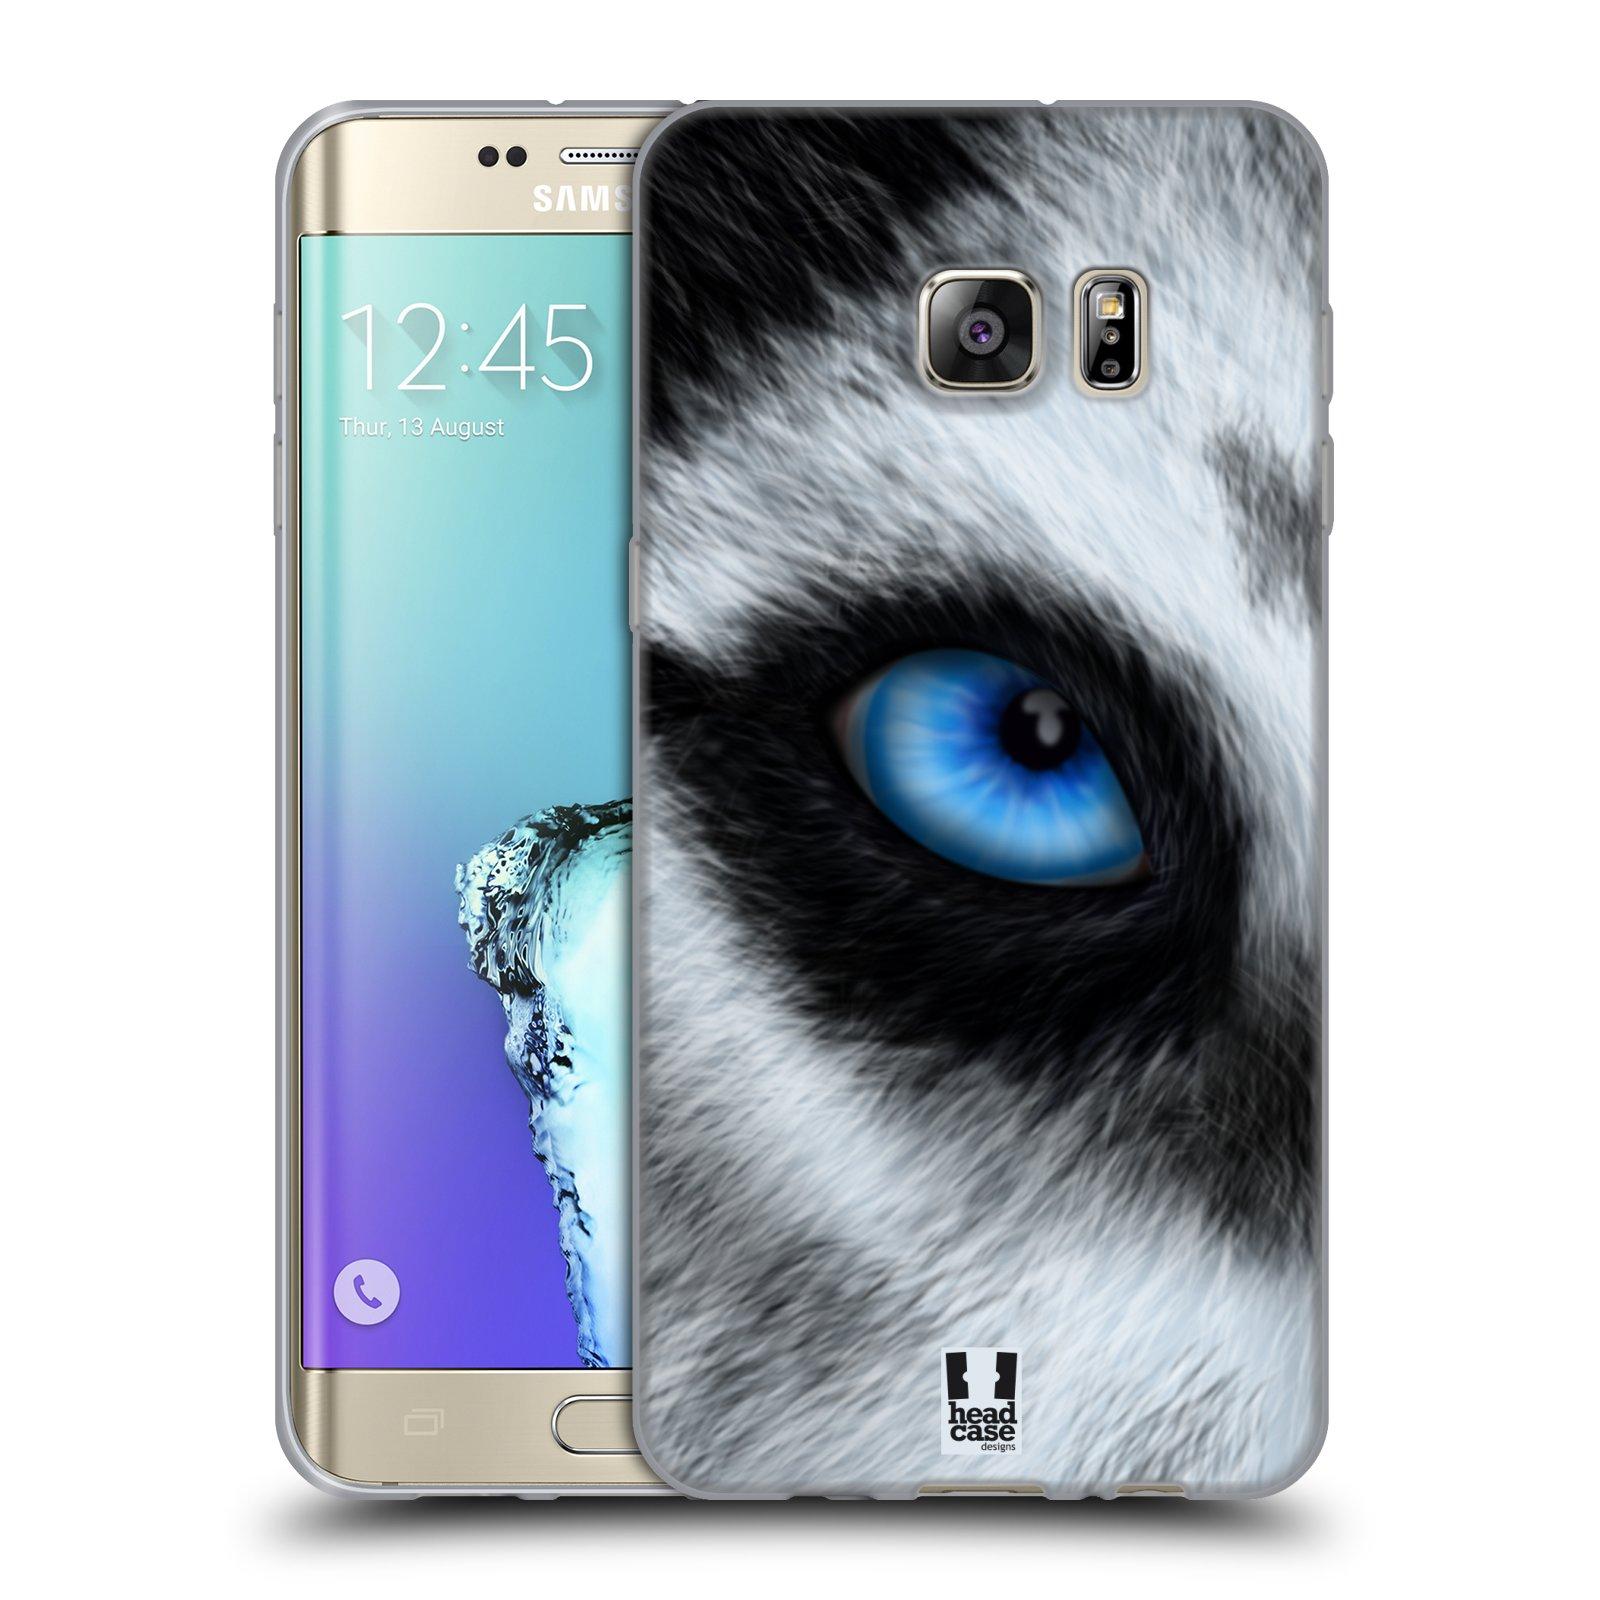 HEAD CASE silikonový obal na mobil Samsung Galaxy S6 EDGE PLUS vzor pohled zvířete oko pes husky